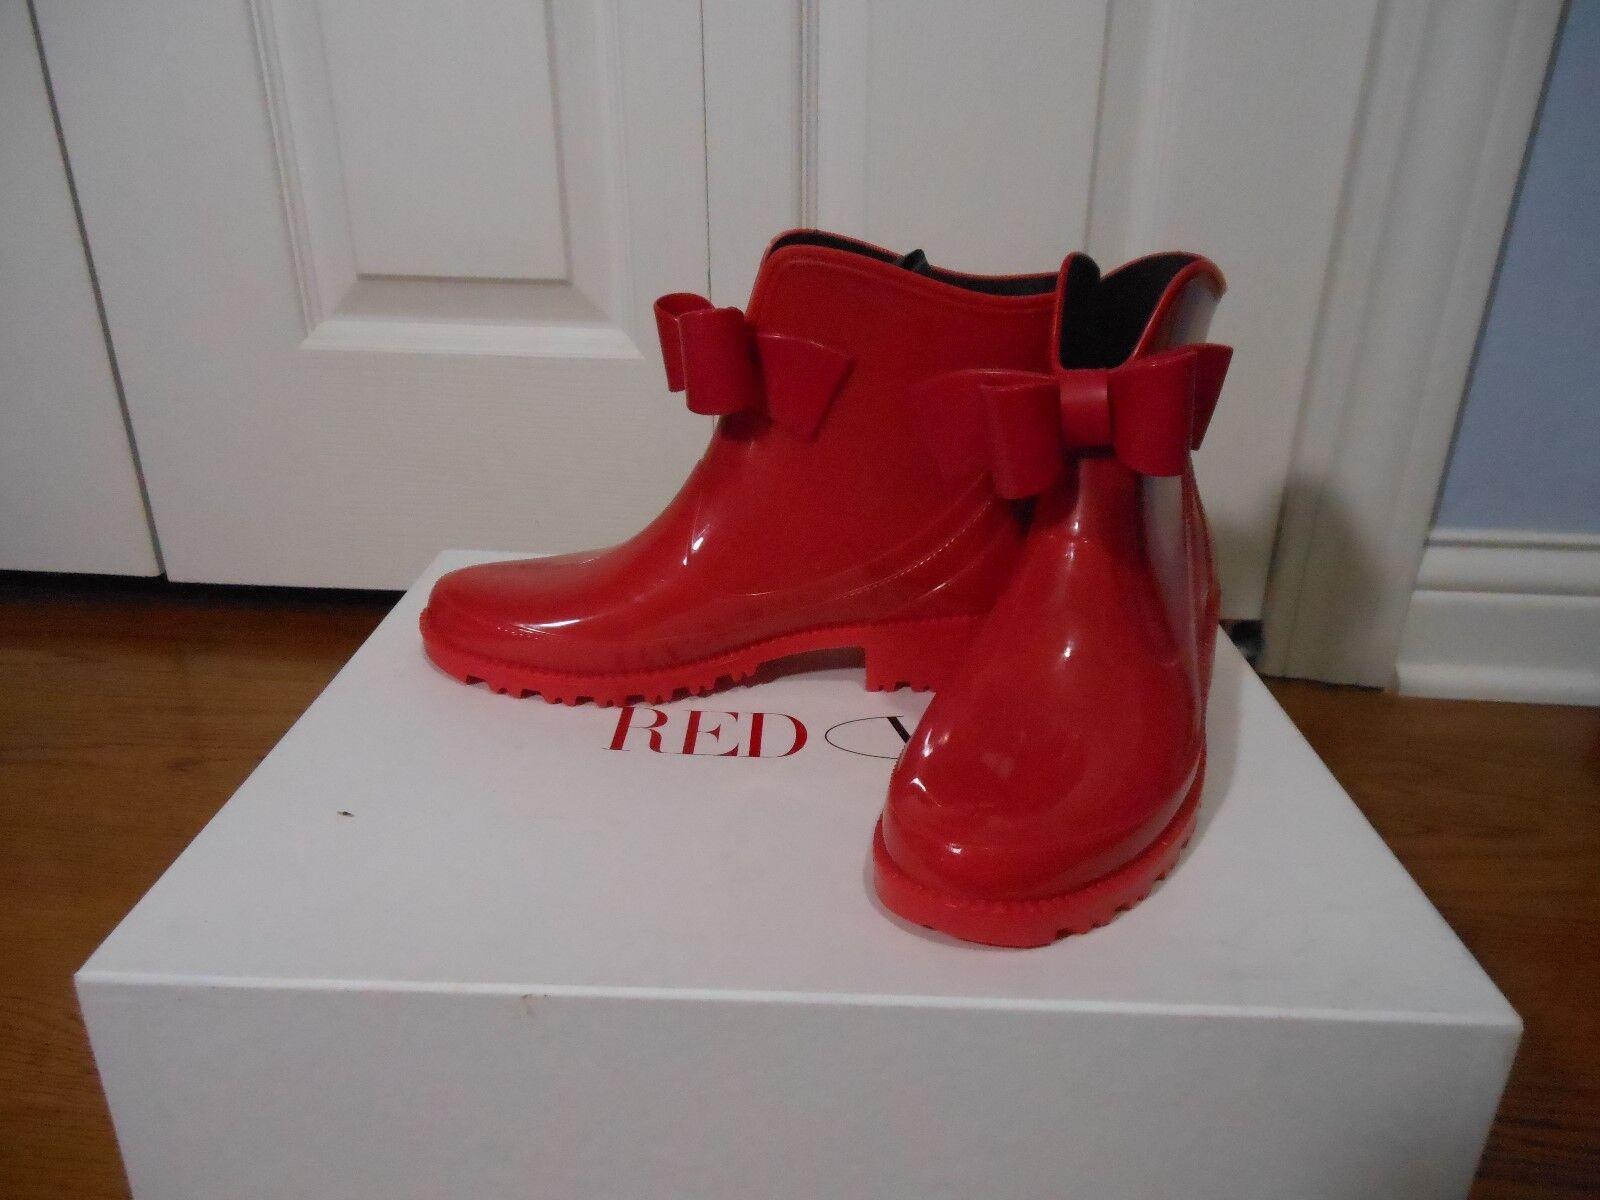 Nuevo Auténtico Rojo Valentino PVC Arco botas de lluvia, Frambuesa Frambuesa Frambuesa Talla 37 7  para mayoristas